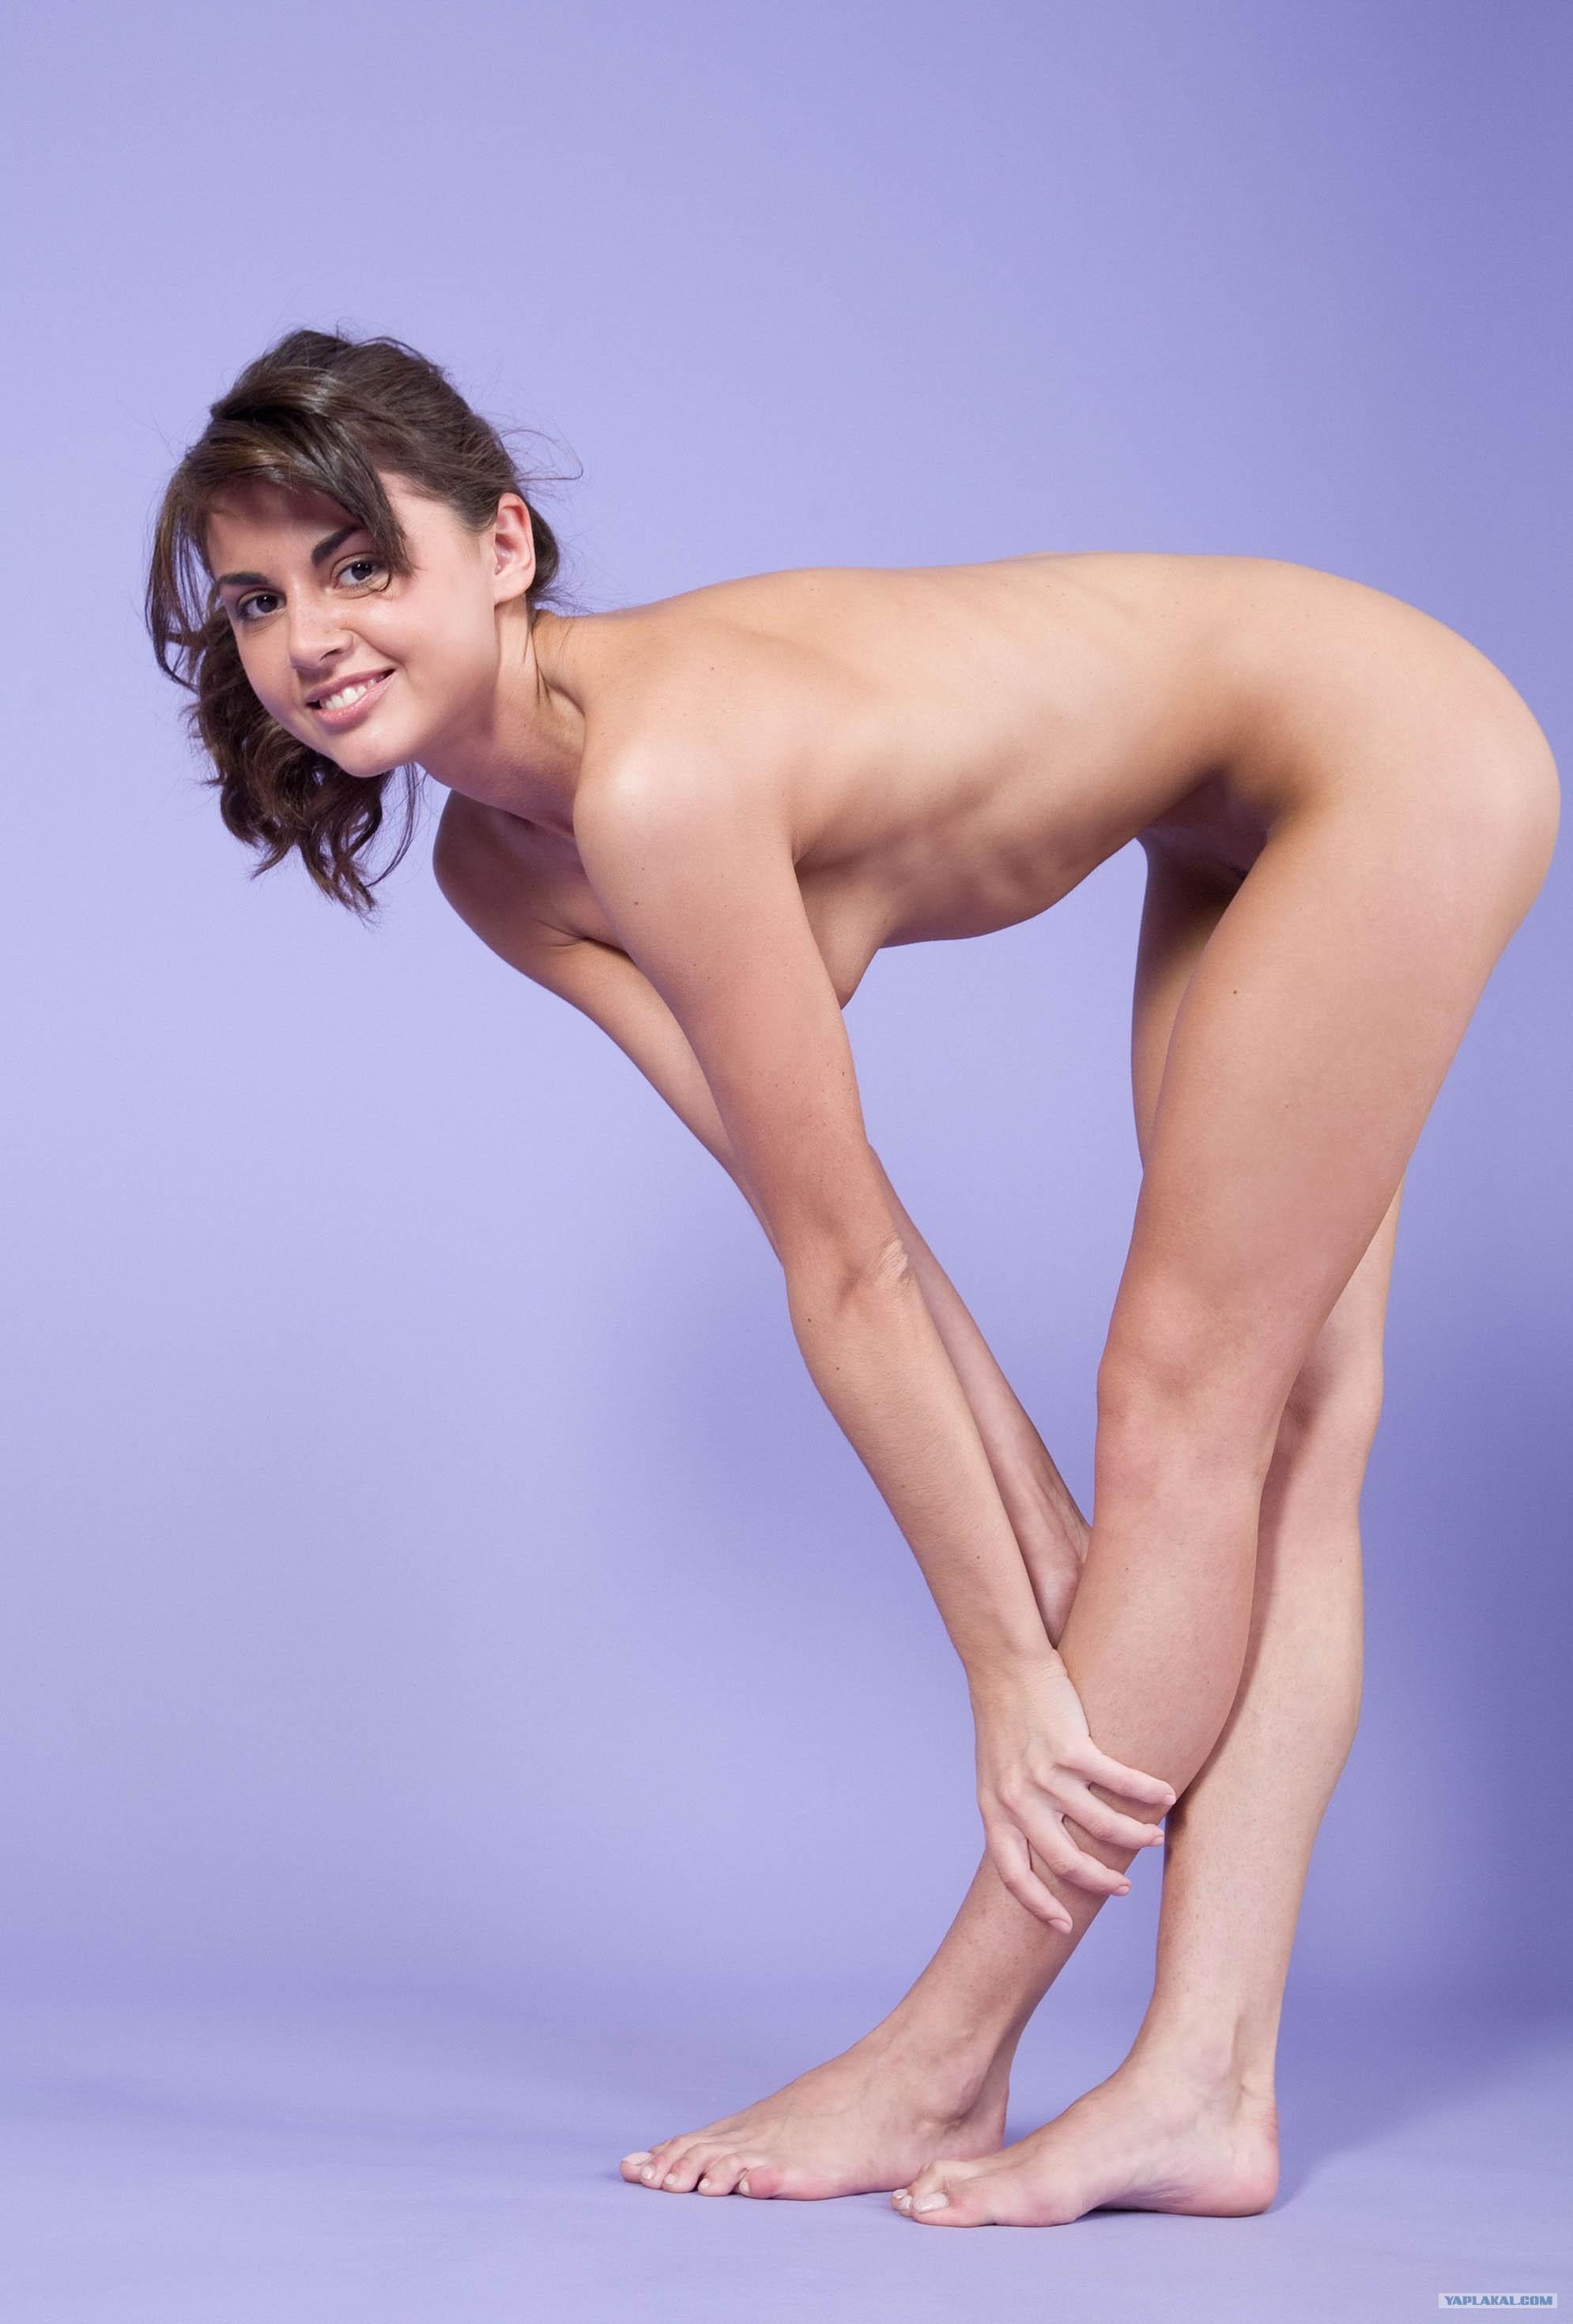 Съемки в порно студии онлайн 18 фотография